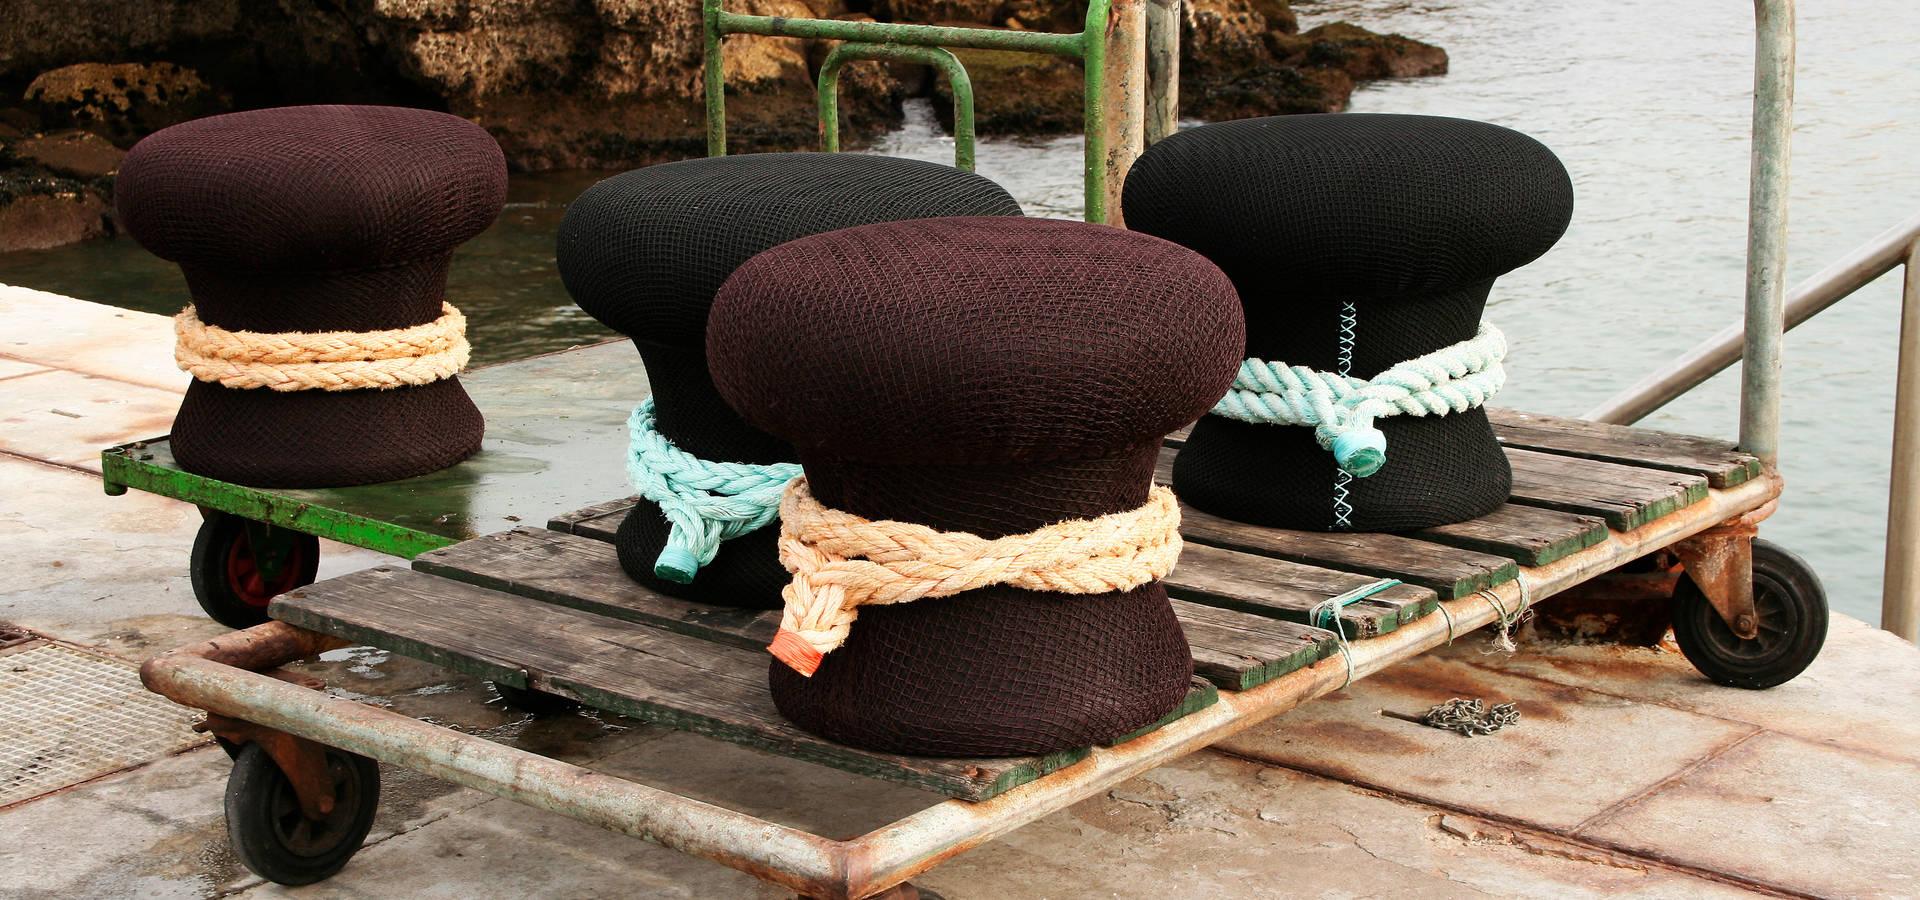 JUAN ARES Marine Design